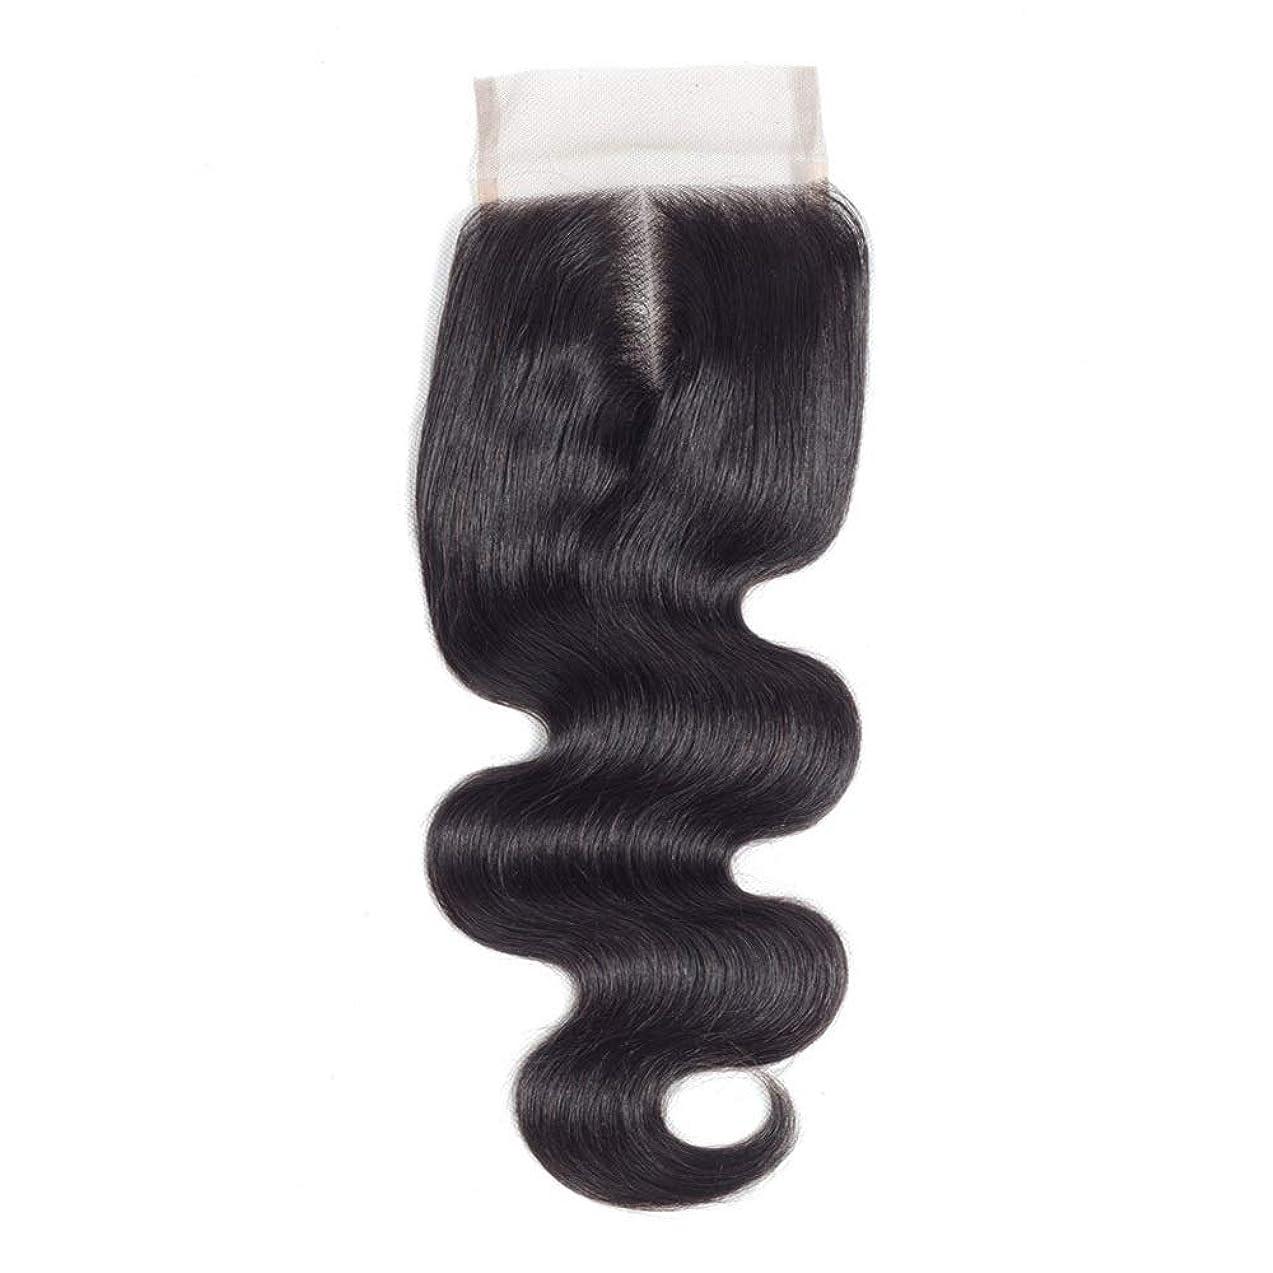 不名誉な空洞応用YESONEEP ブラジルの実体波女性のリアルヘア4x4レース前頭閉鎖中間(8インチ-20インチ)ロングカーリーウィッグビッグウェーブウィッグ (色 : 黒, サイズ : 16 inch)